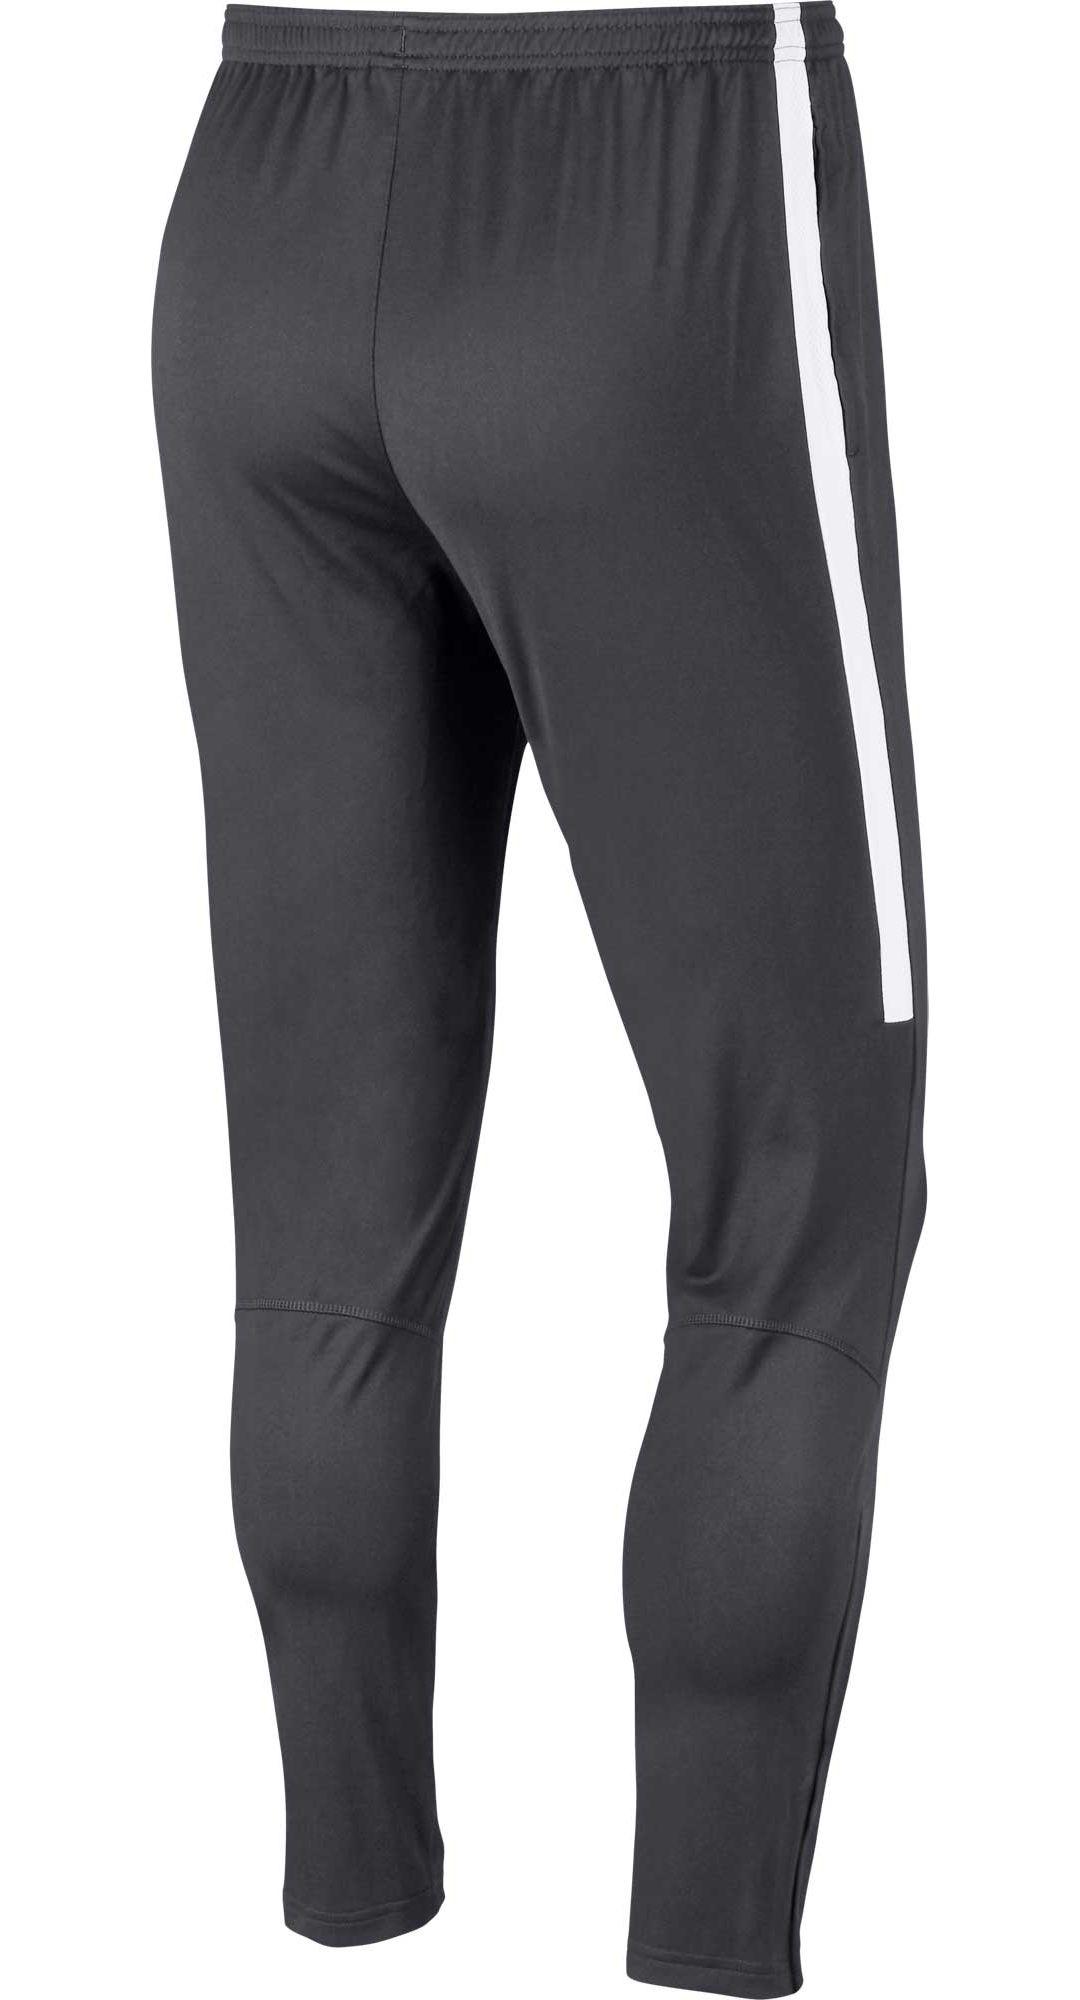 e3e03fe91c Nike Men's Dry Academy Pants. noImageFound. Previous. 1. 2